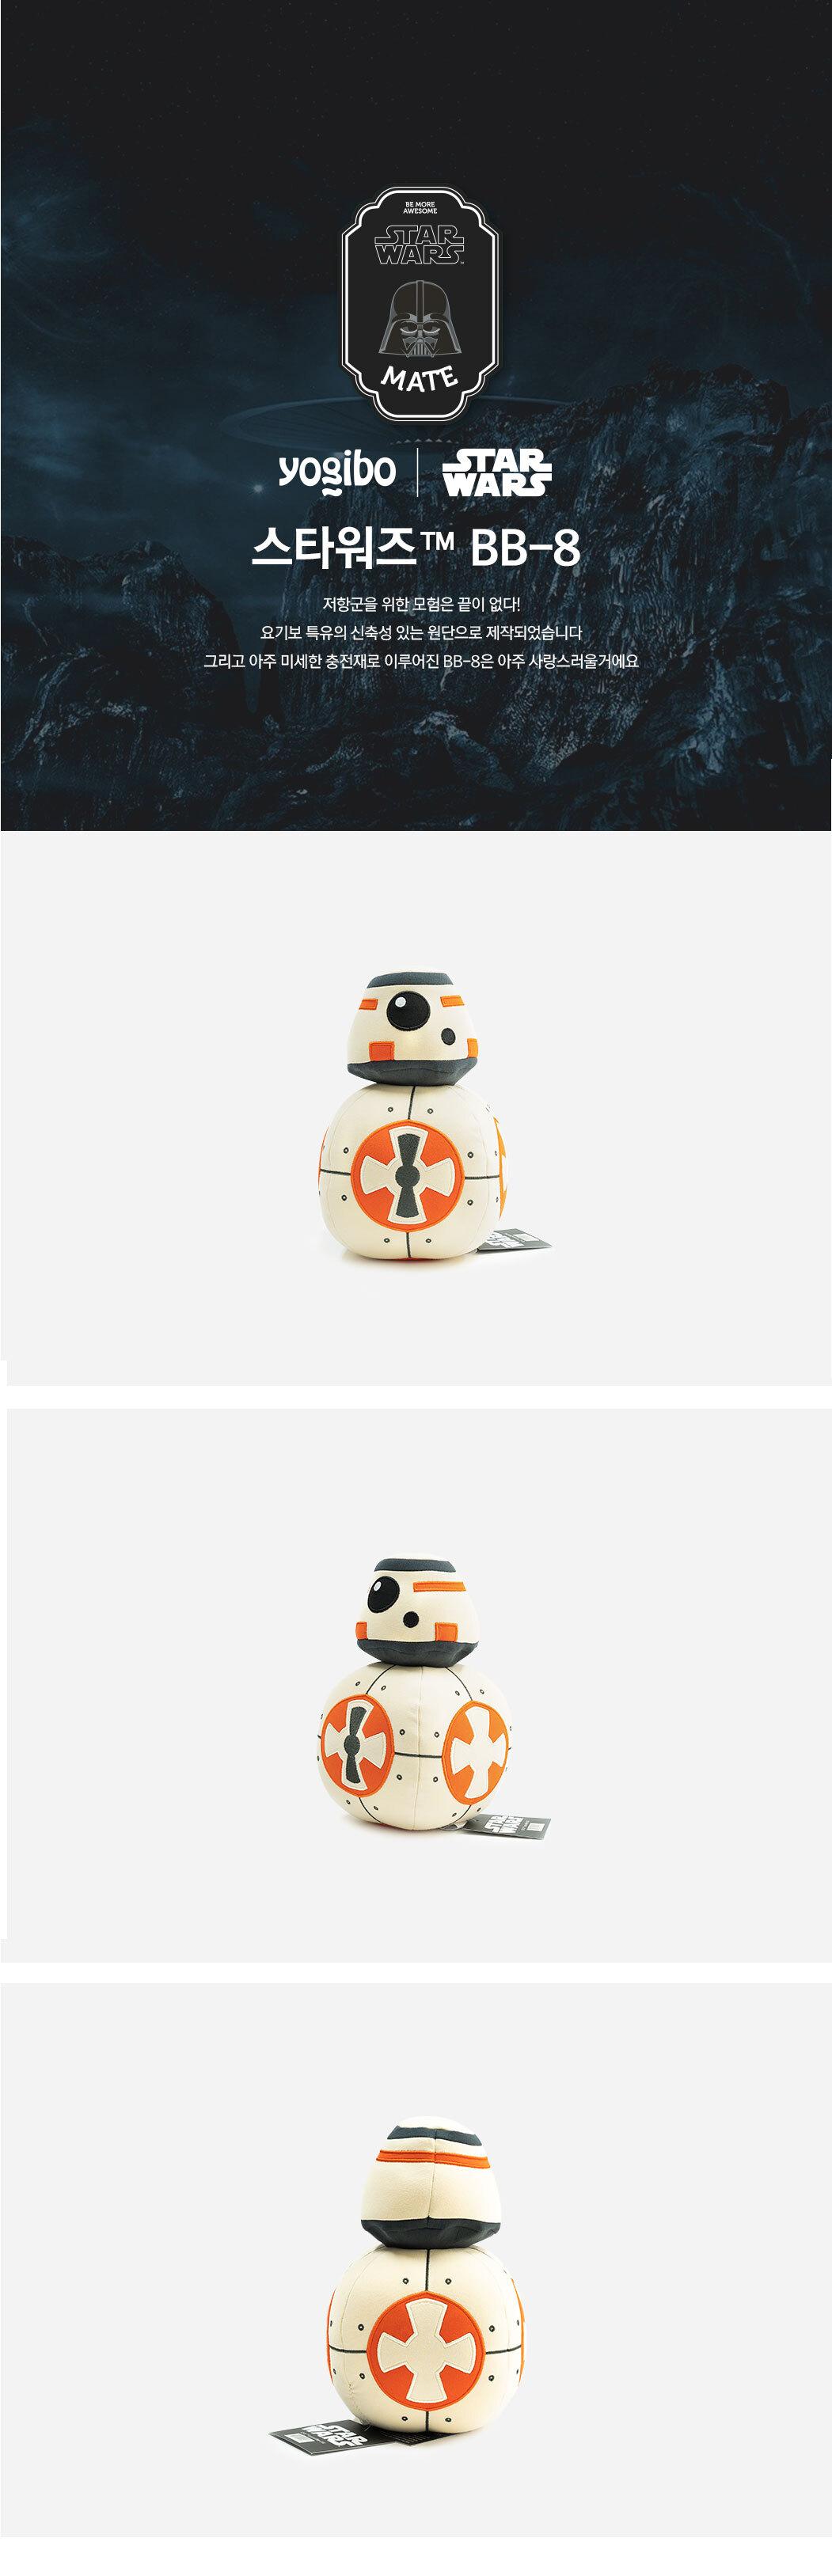 스타워즈 비비-에잇(BB-8)